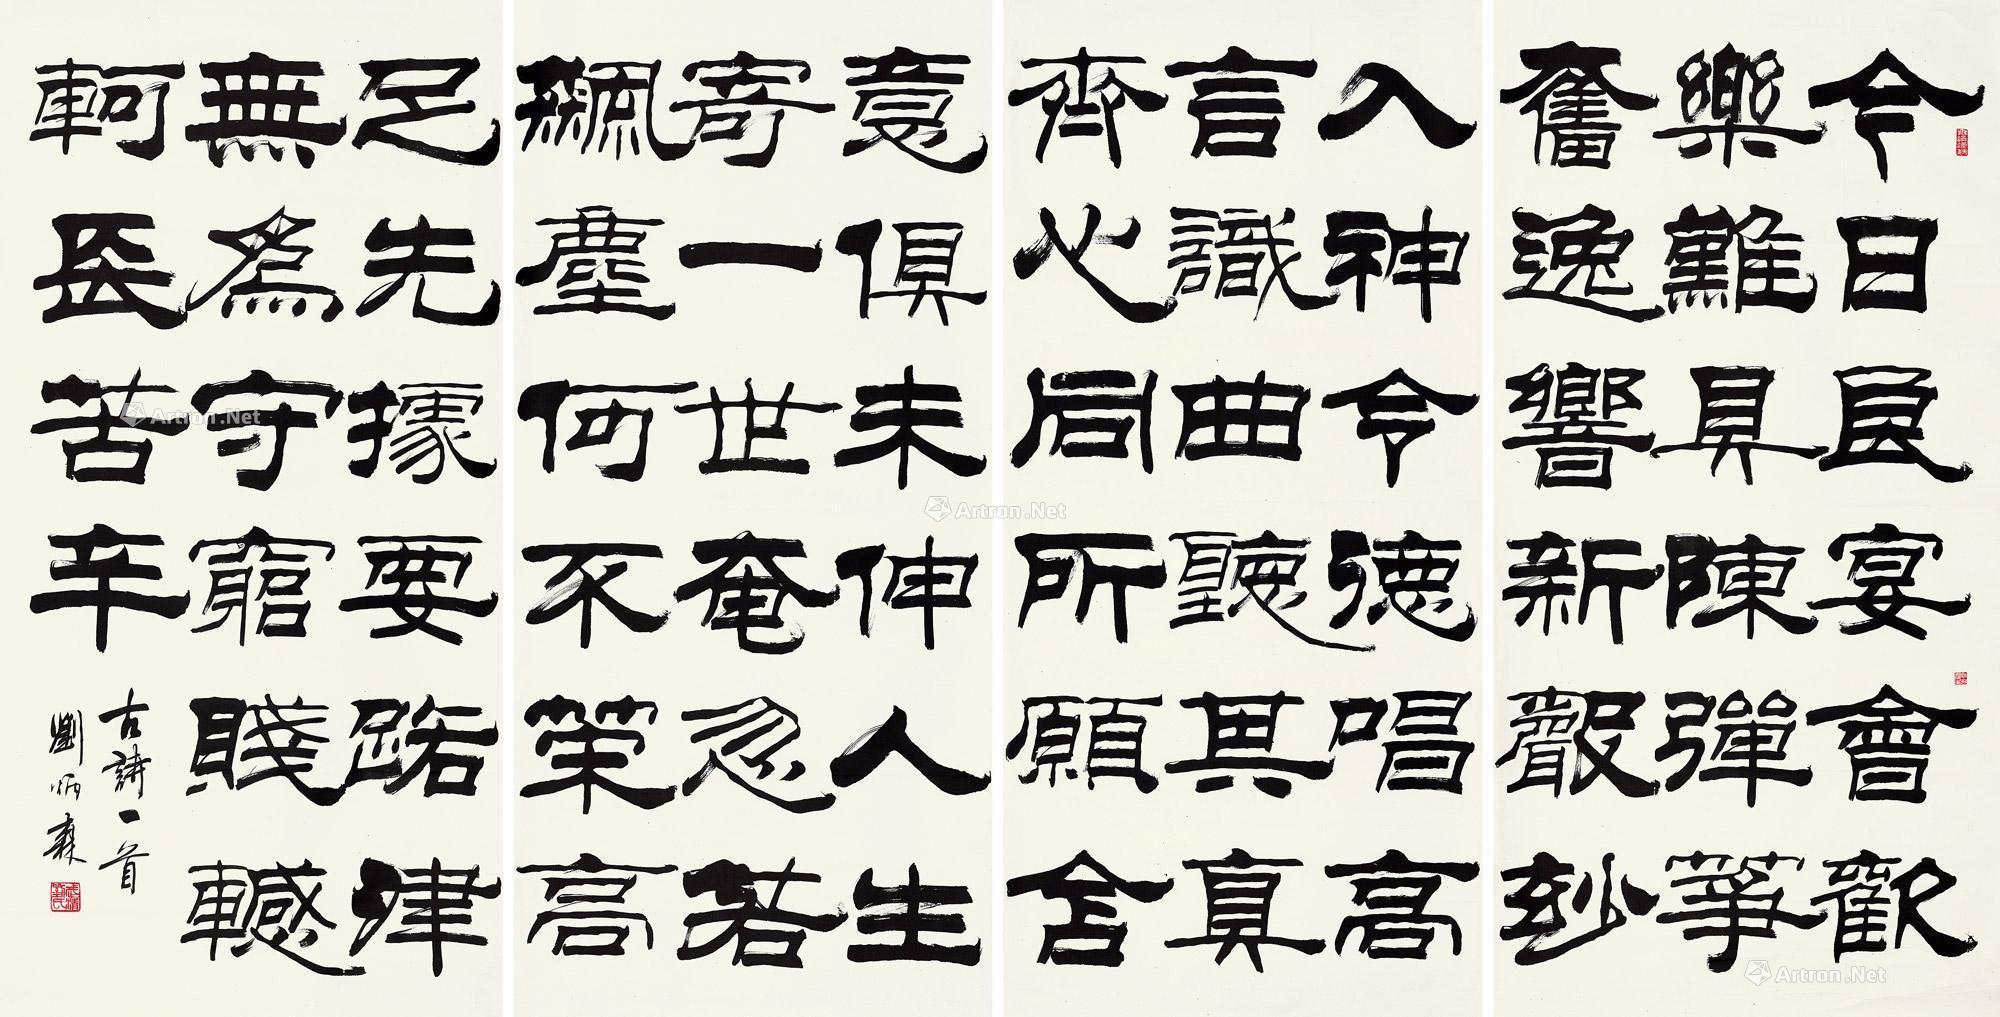 0185 隶书古诗通屏 立轴 水墨纸本图片